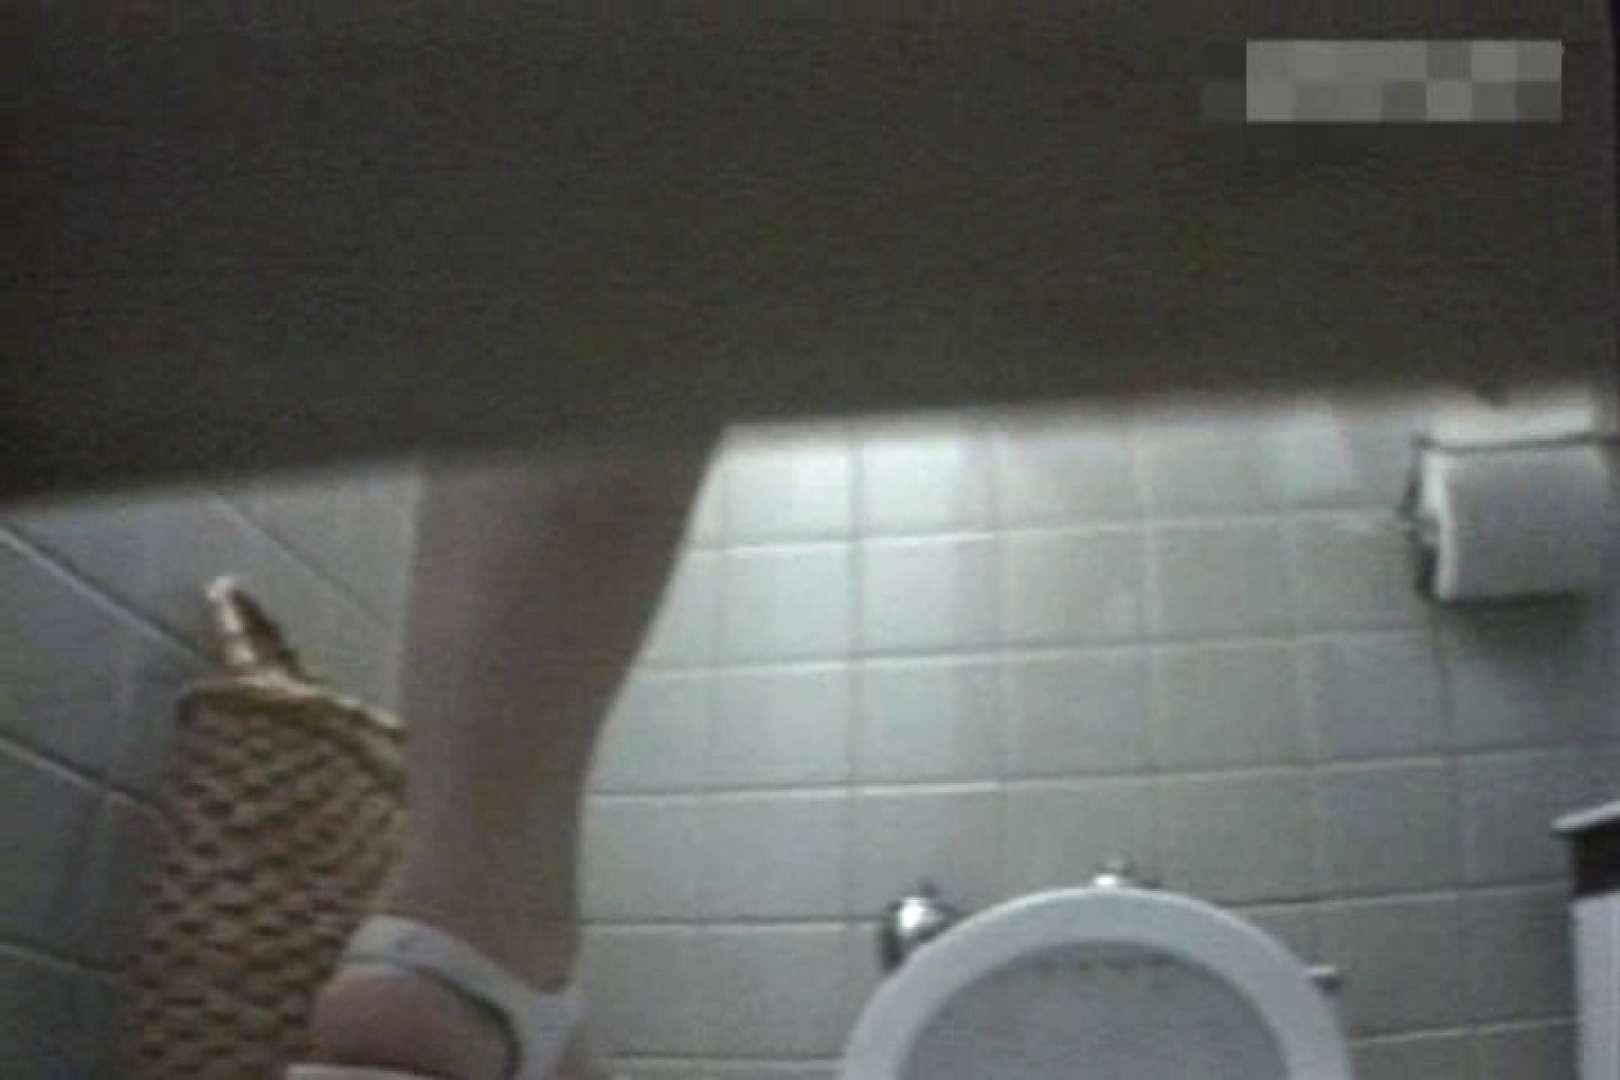 個室狂いのマニア映像Vol.2 水着  76pic 24